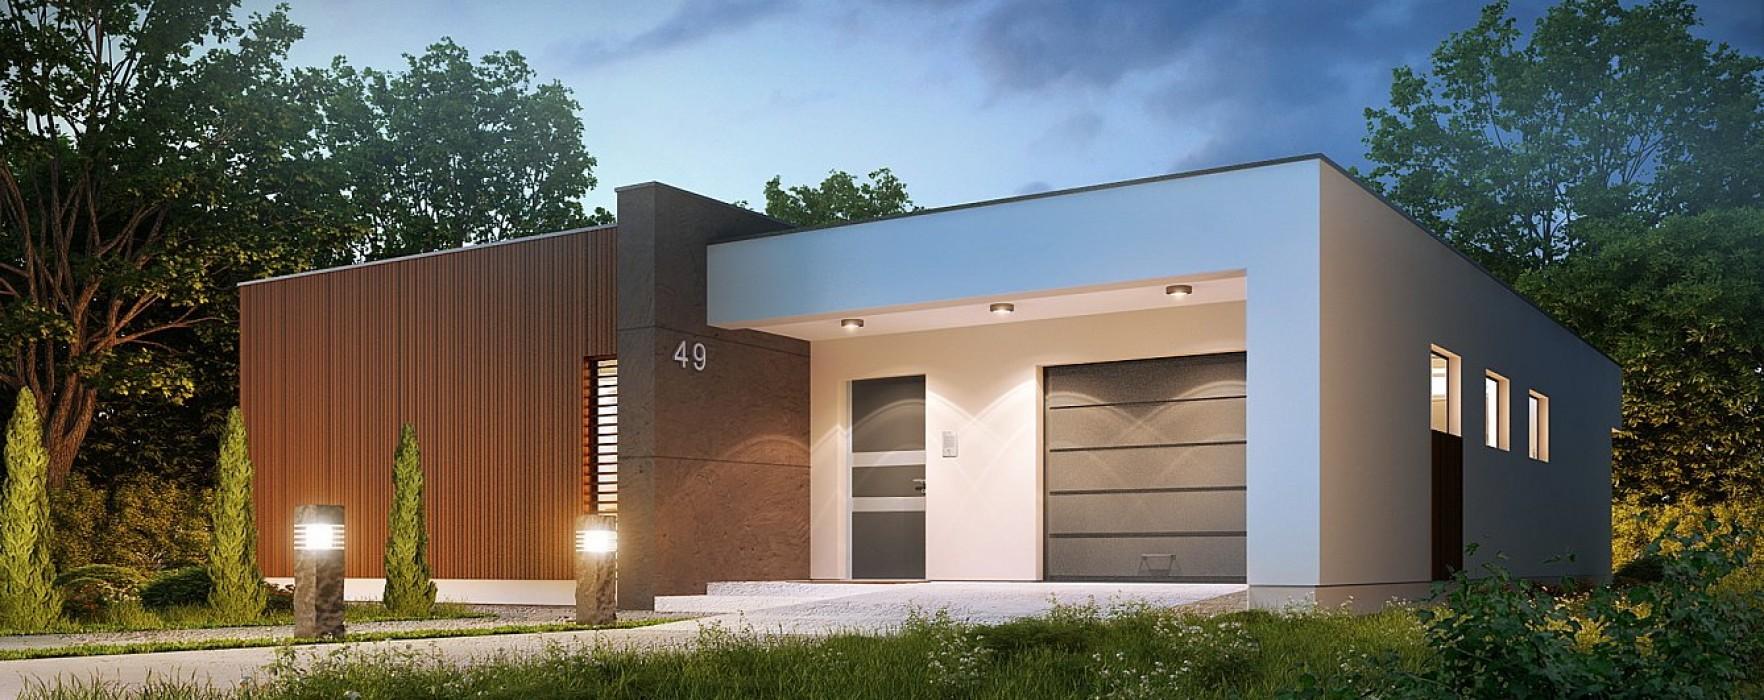 Edifici in legno x lam e tetti piani for Piani di appartamento garage a buon mercato